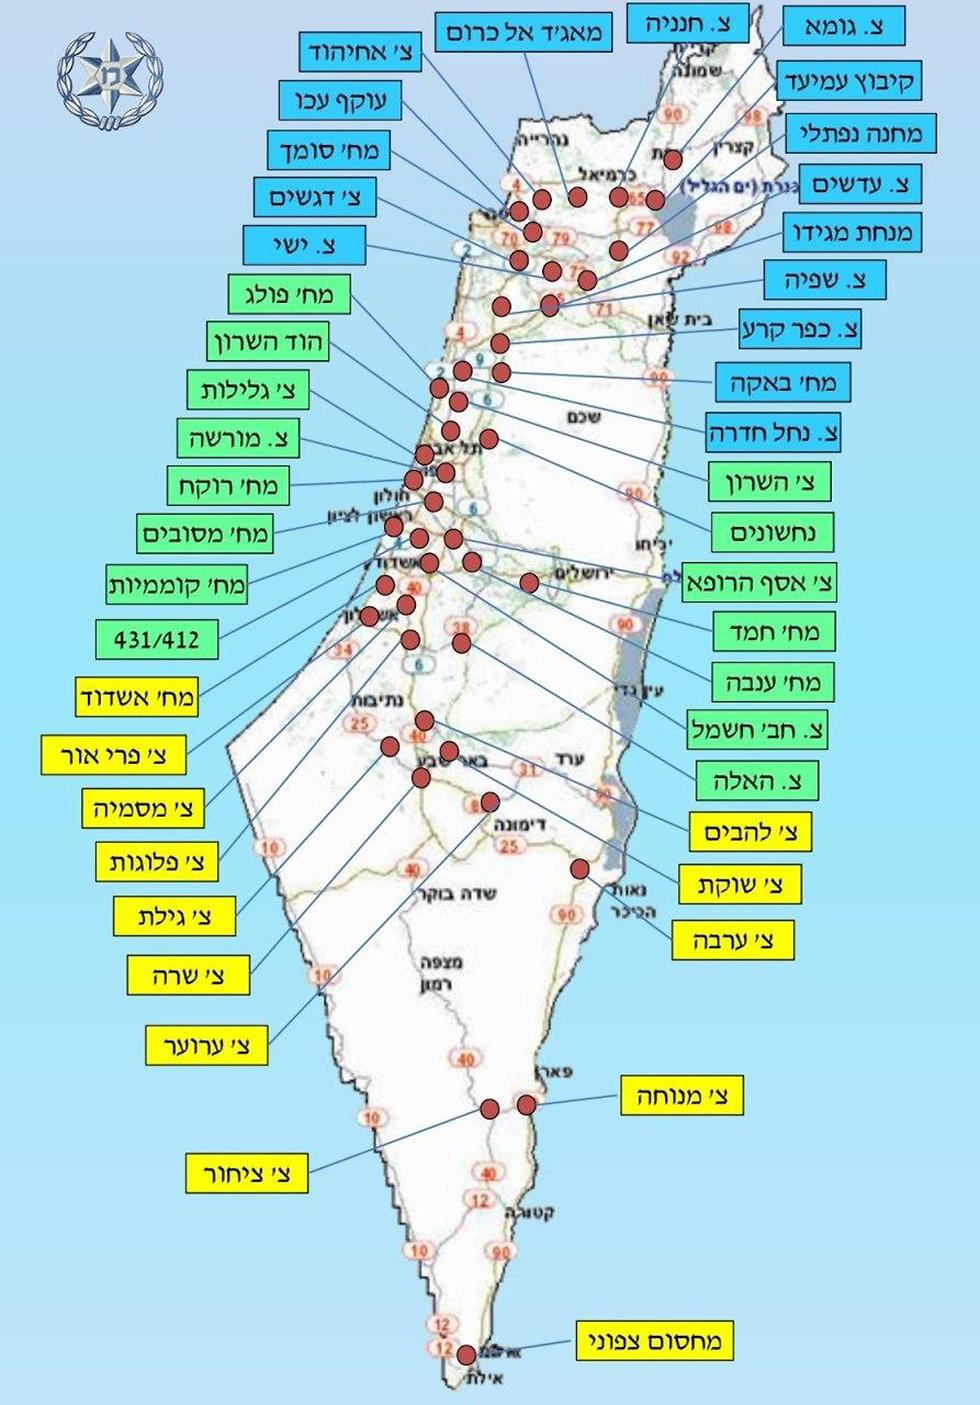 מפת פריסת המחסומים ברחבי הארץ לקראת סגר יום העצמאות (באדיבות דוברות המשטרה)